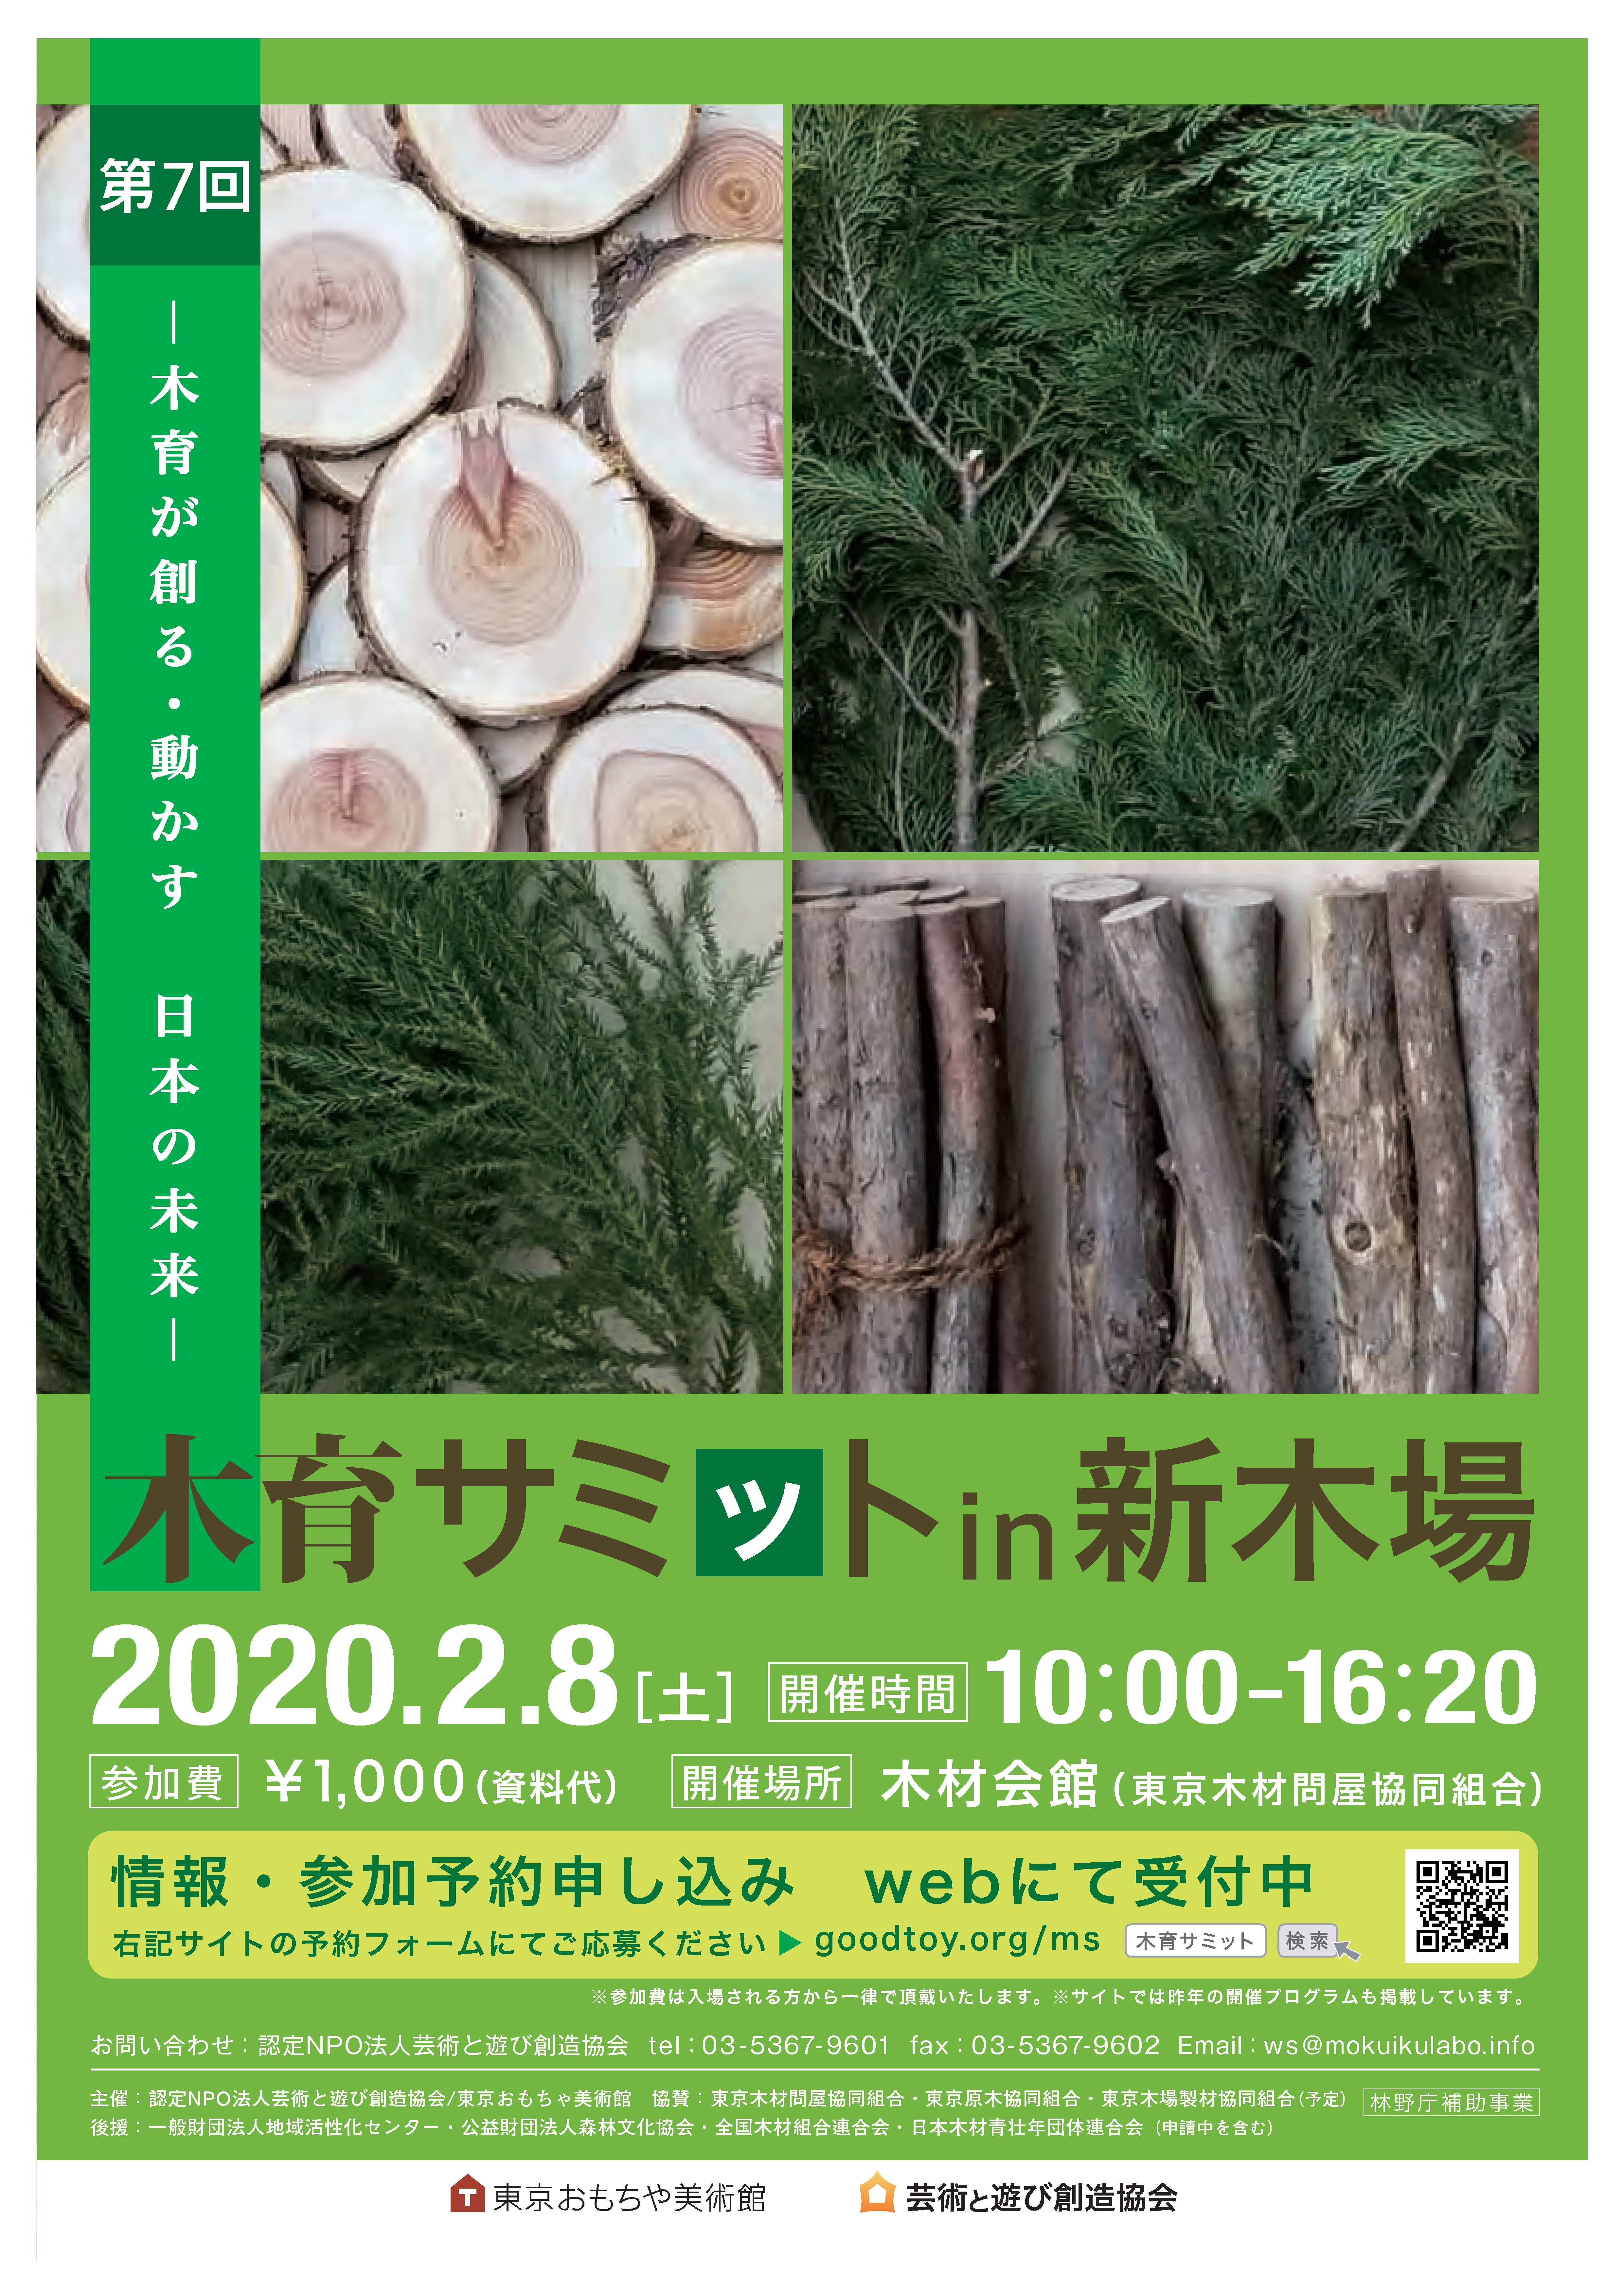 2020.2.9 木育サミットin新木場のパンフレットが公開されました!